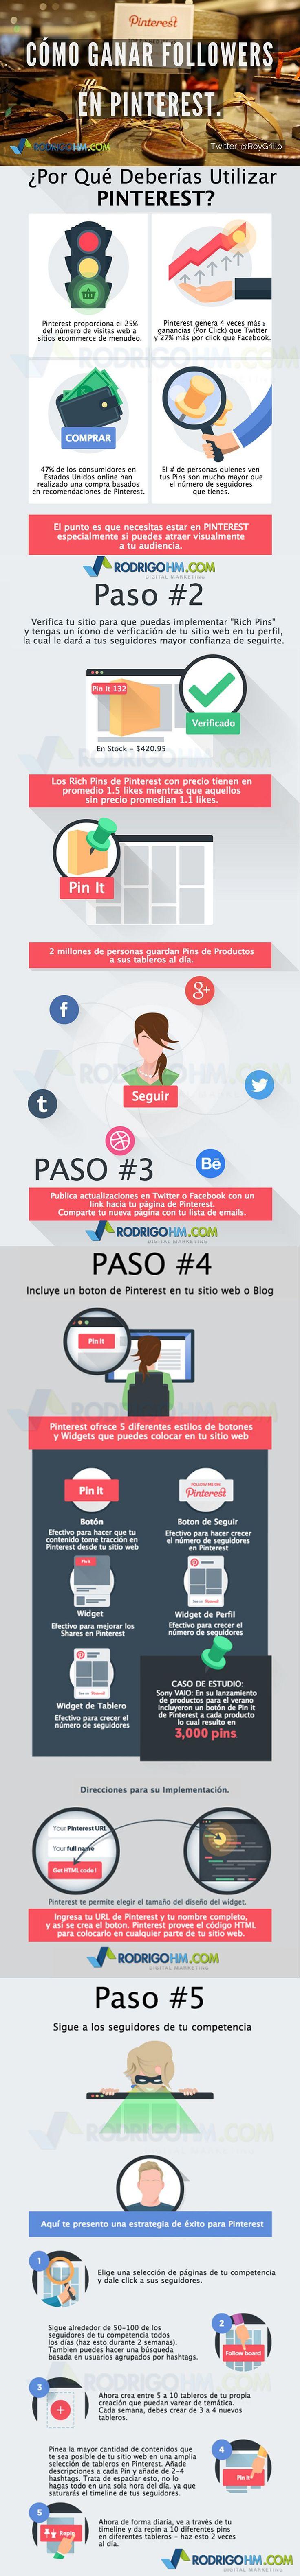 Una infografía que nos informa sobre la importancia de utilizar la red social Pinterest y cómo ganar followers o seguidores en esta comunidad.